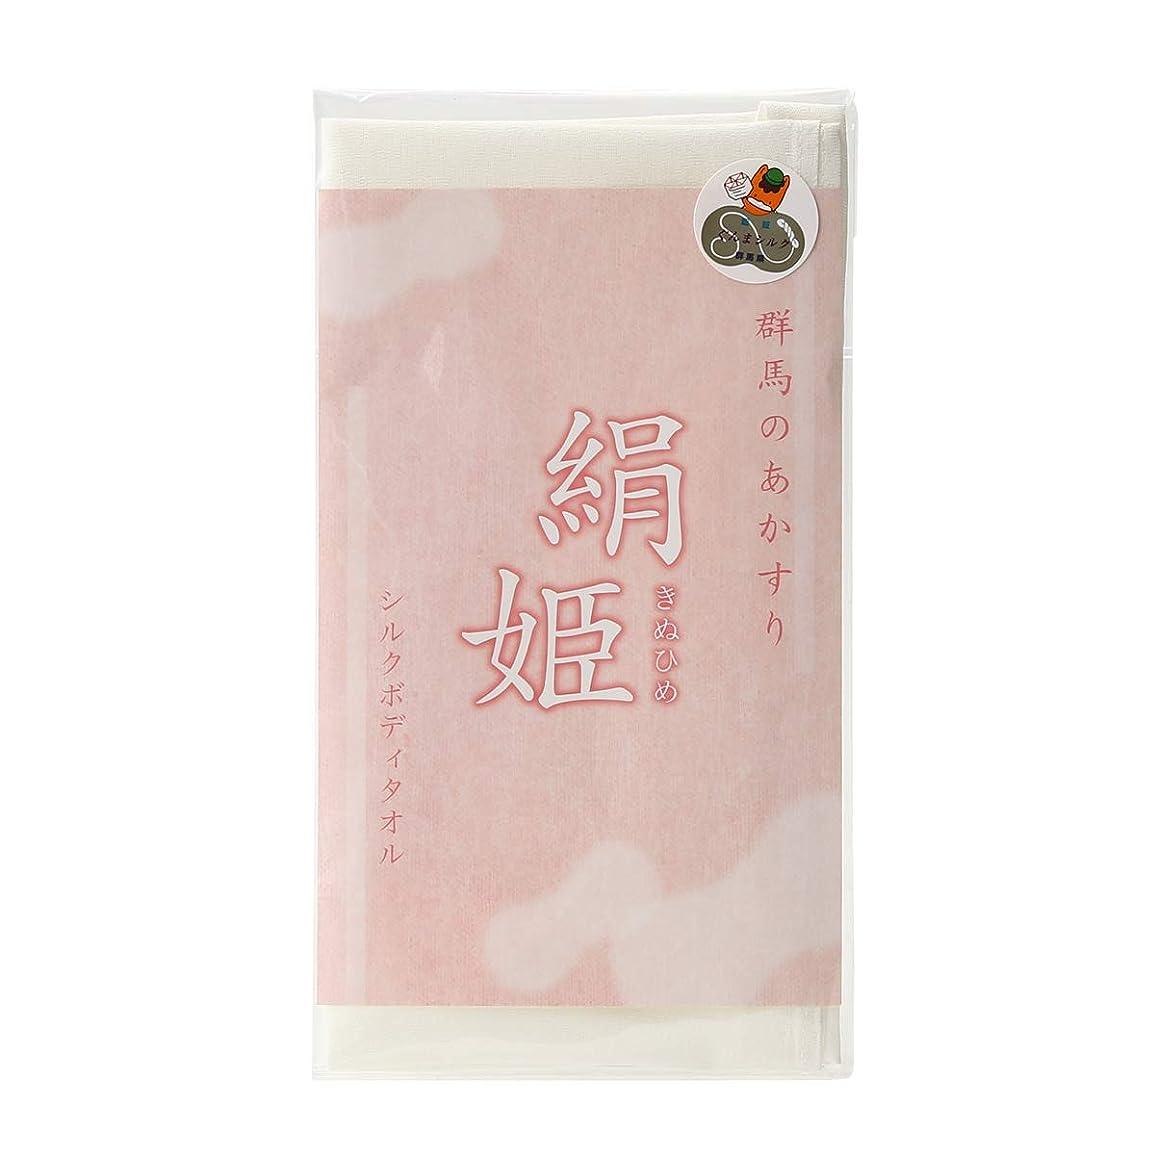 邪魔物質大陸[ハッピーシルク ] 絹姫 (きぬひめ) 【訳あり】【アウトレット】ボディータオル シルクあかすり